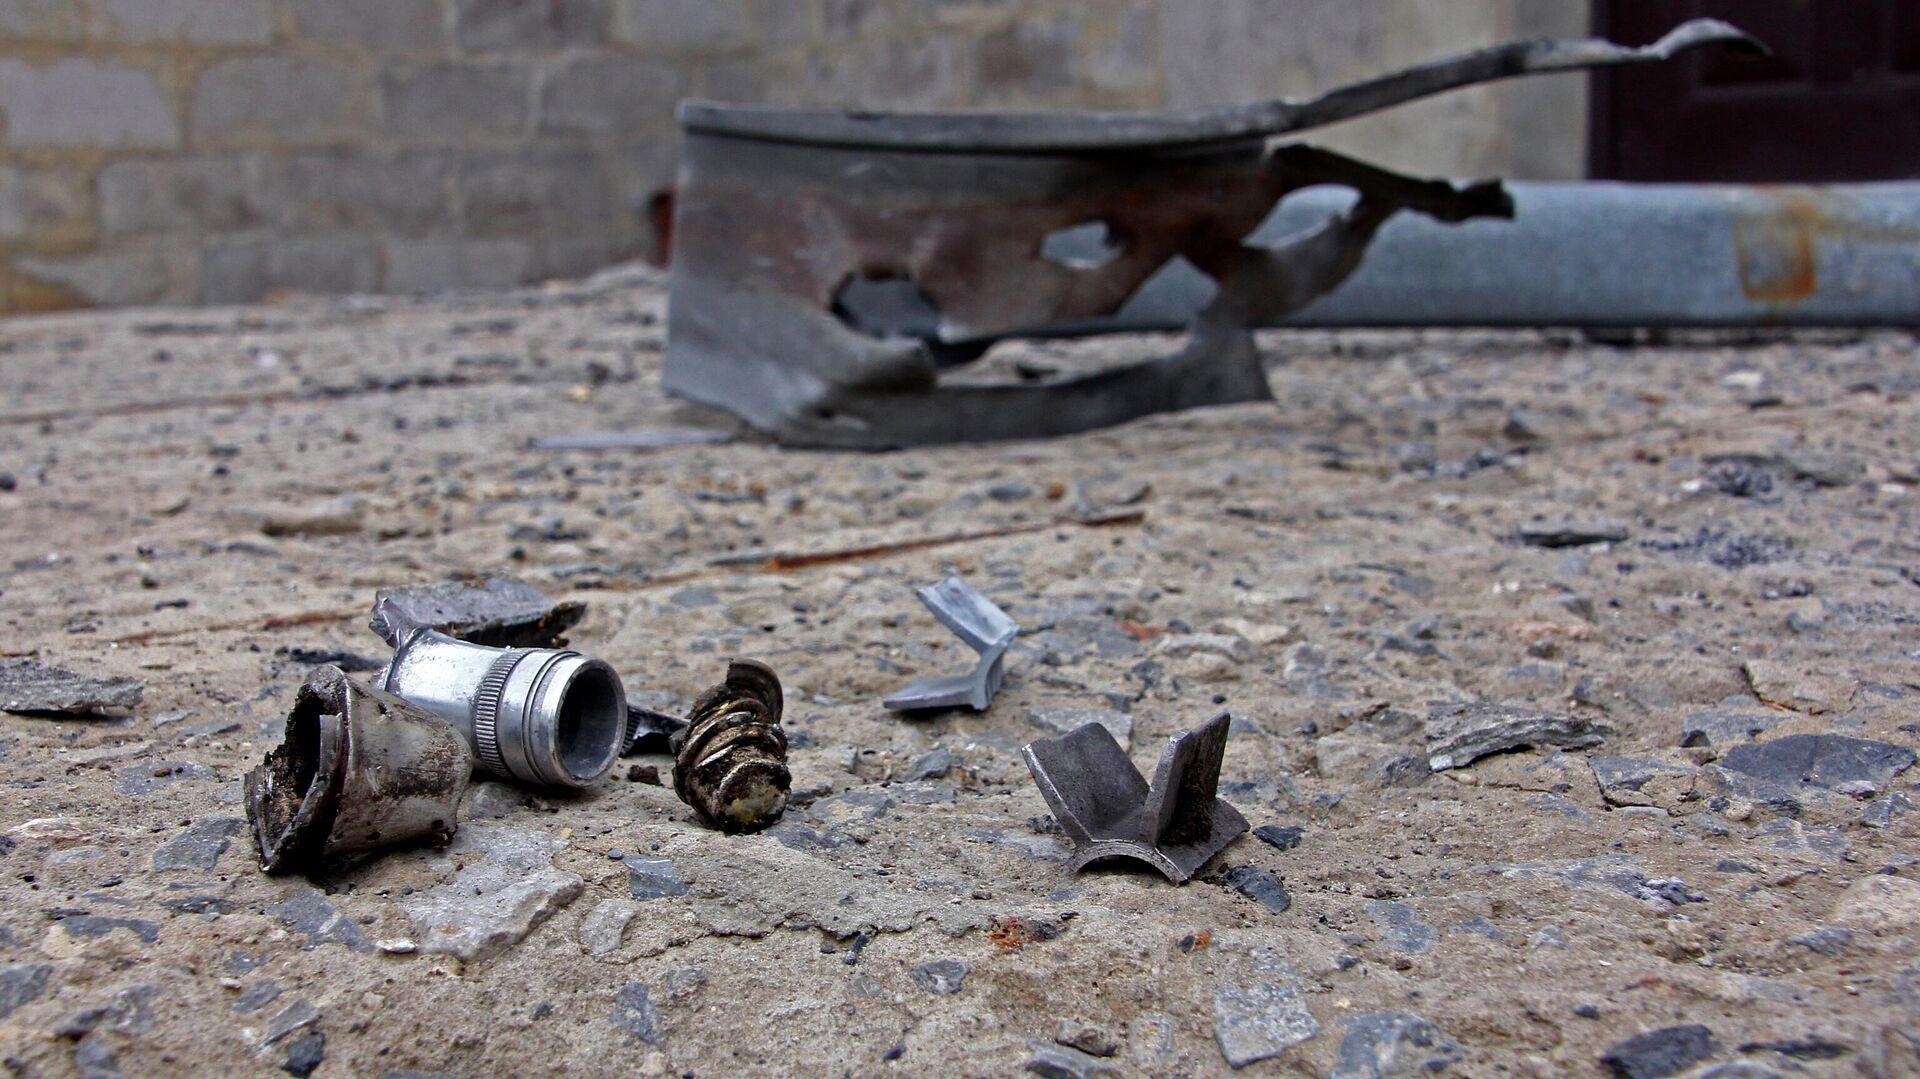 Найденные осколки снарядов, разорвавшихся возле дома в поселке Оленовка в Донецкой области - РИА Новости, 1920, 08.03.2021